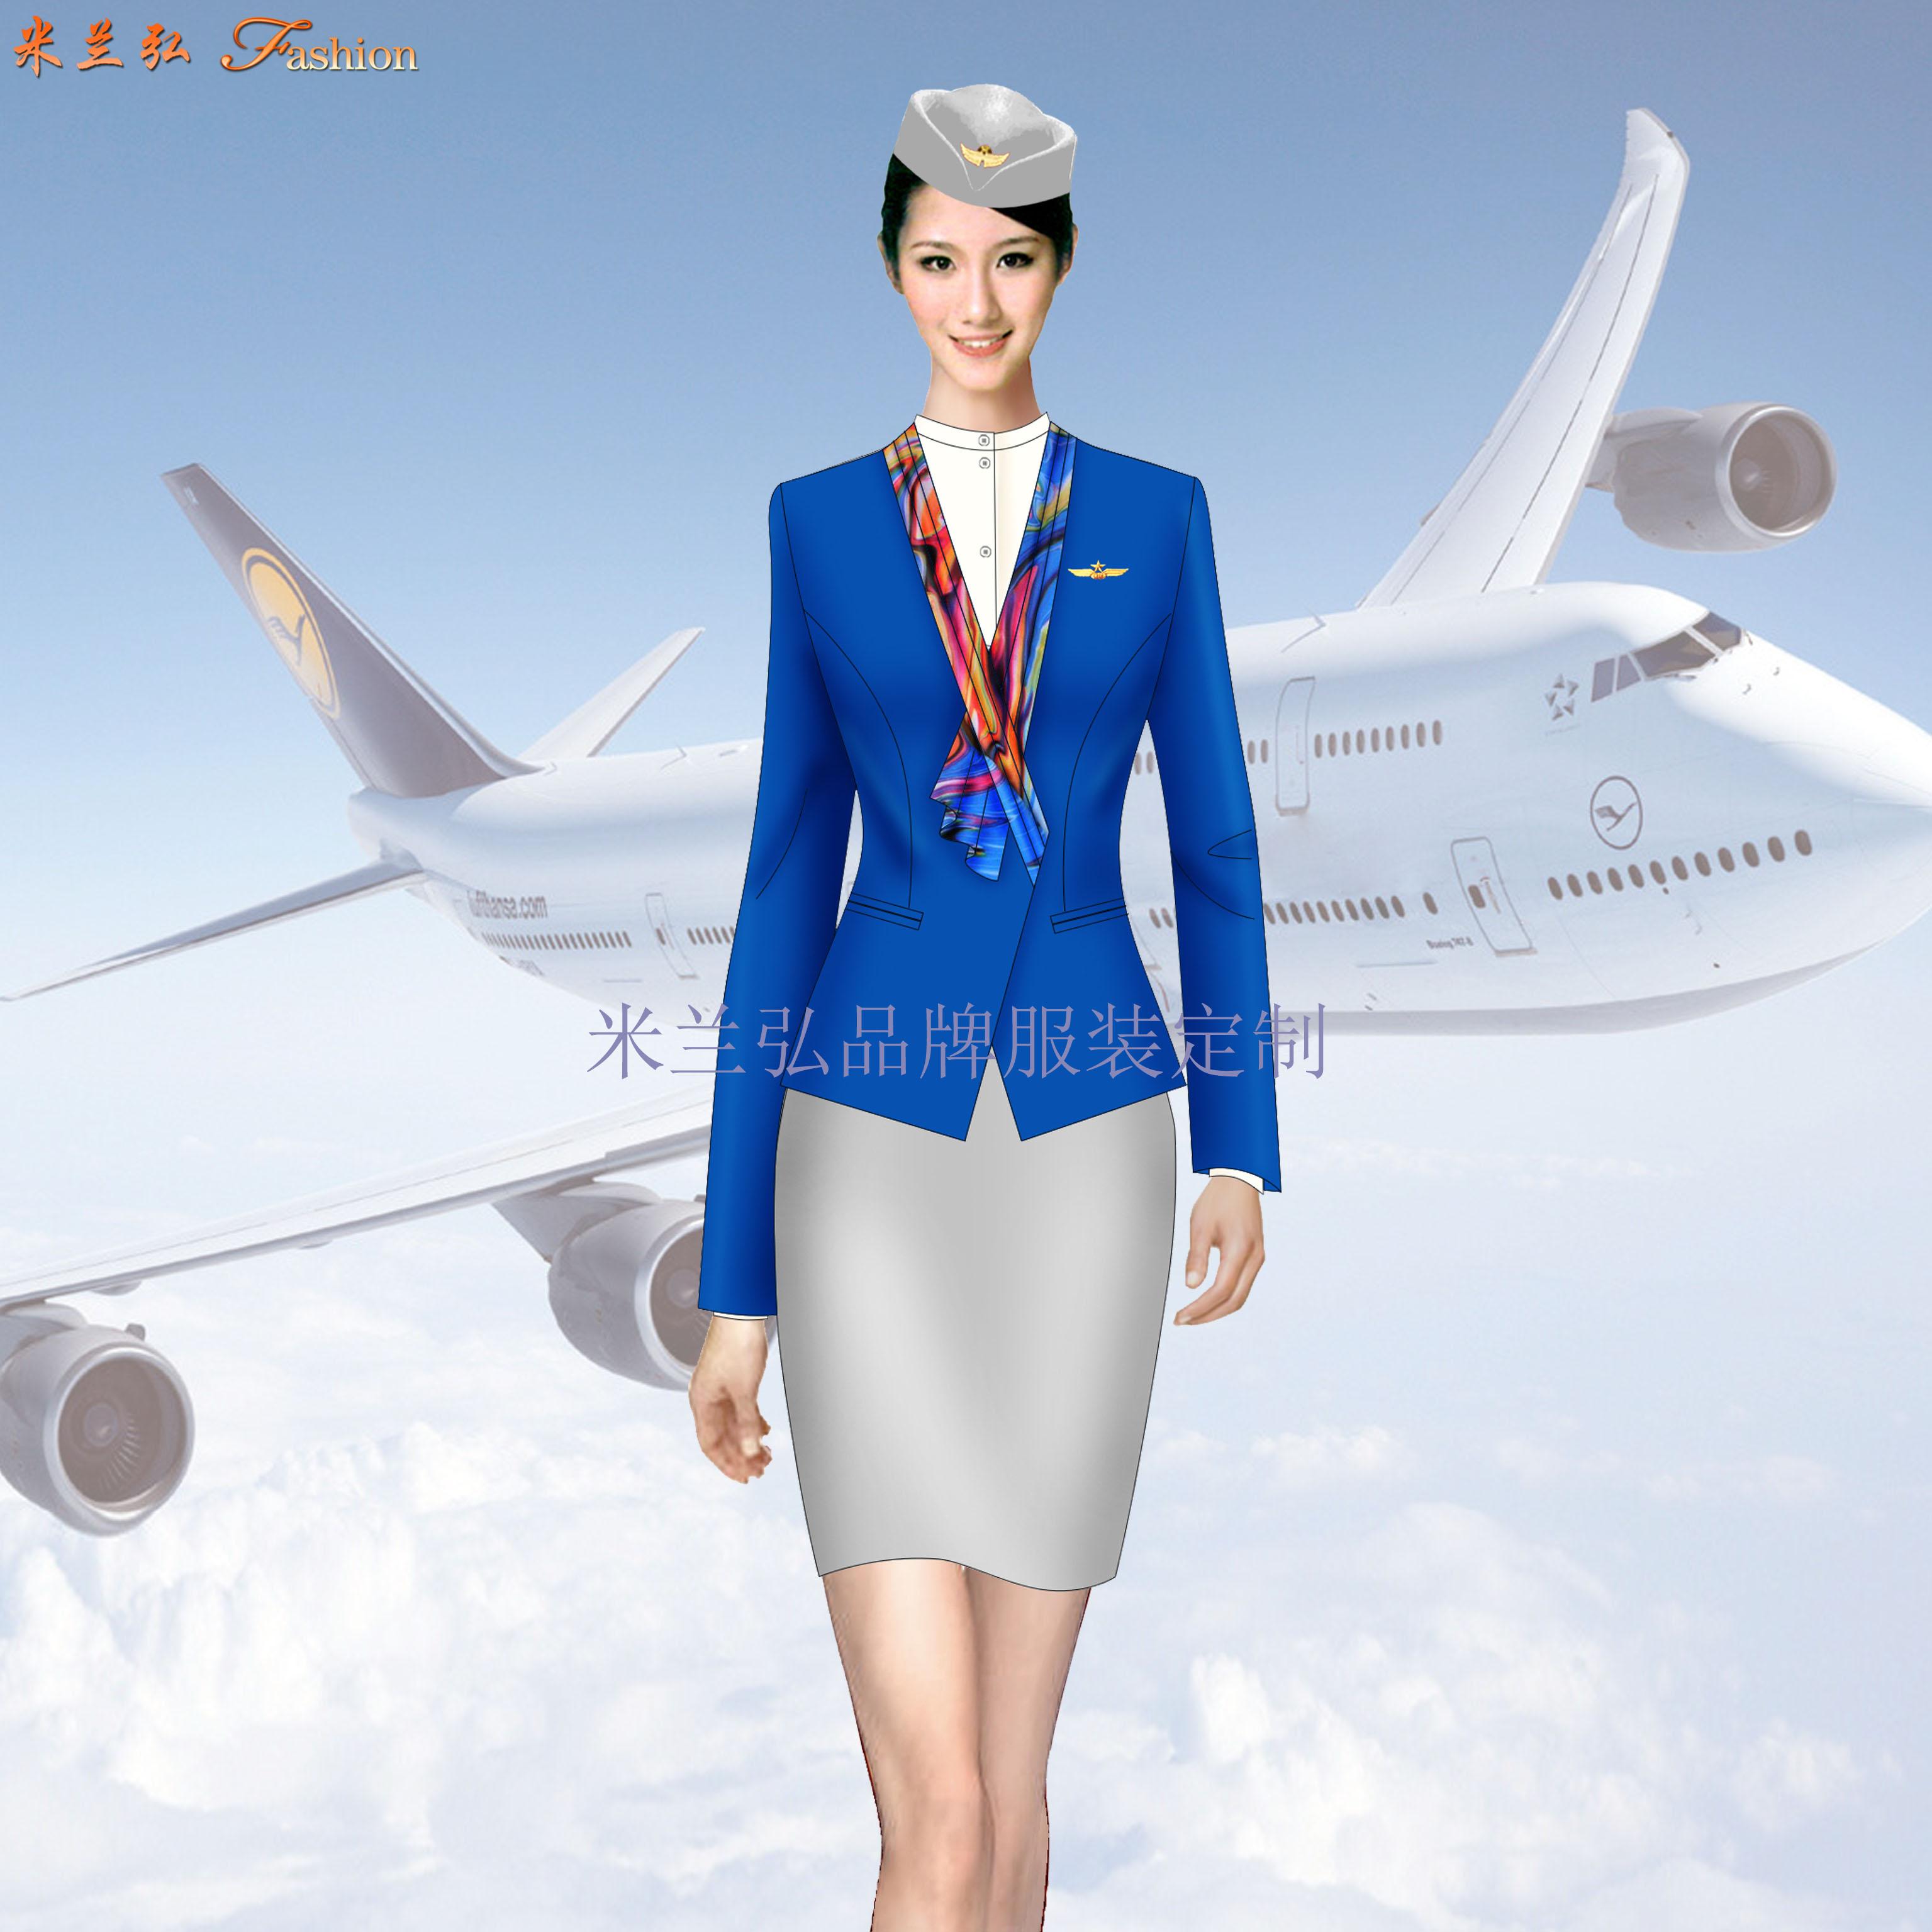 安徽空姐服定制-航空乘務員職業裝圖片-米蘭弘廠家-1